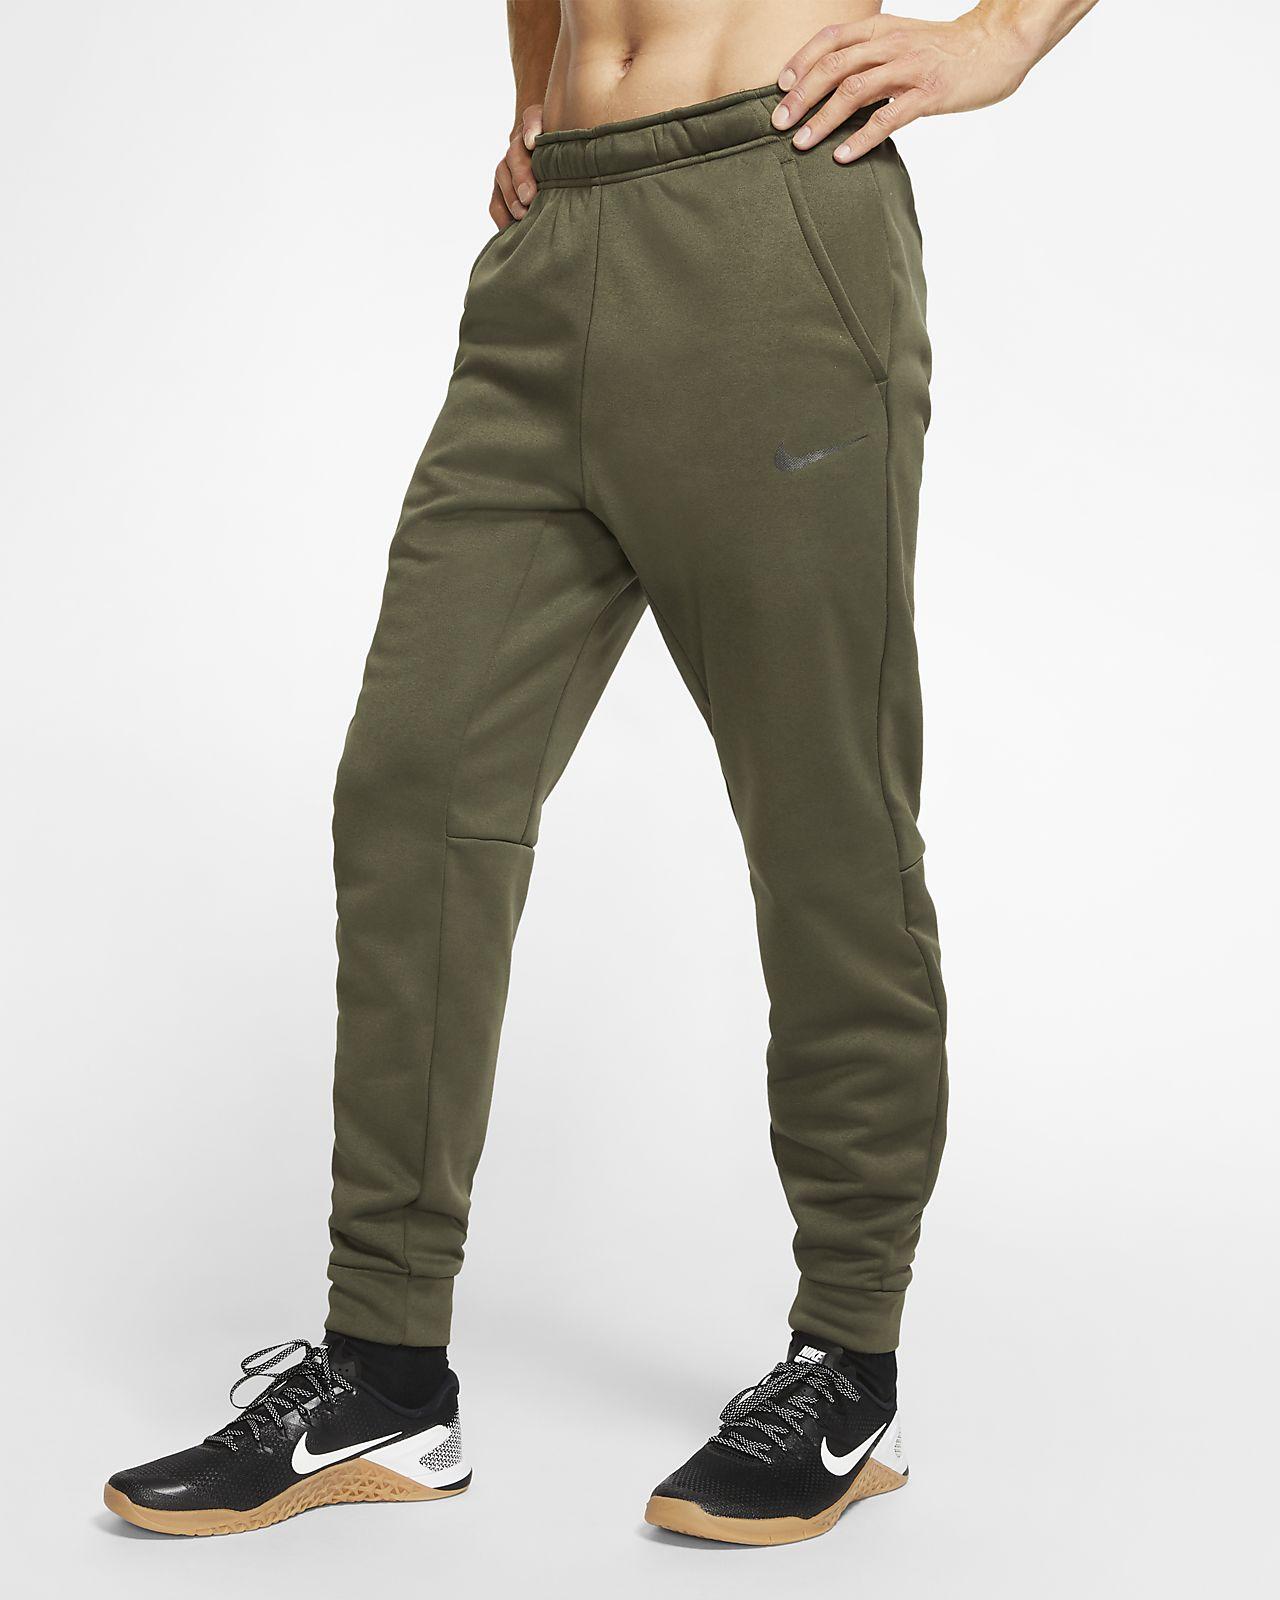 Ανδρικό παντελόνι προπόνησης Nike Therma που στενεύει προς τα κάτω